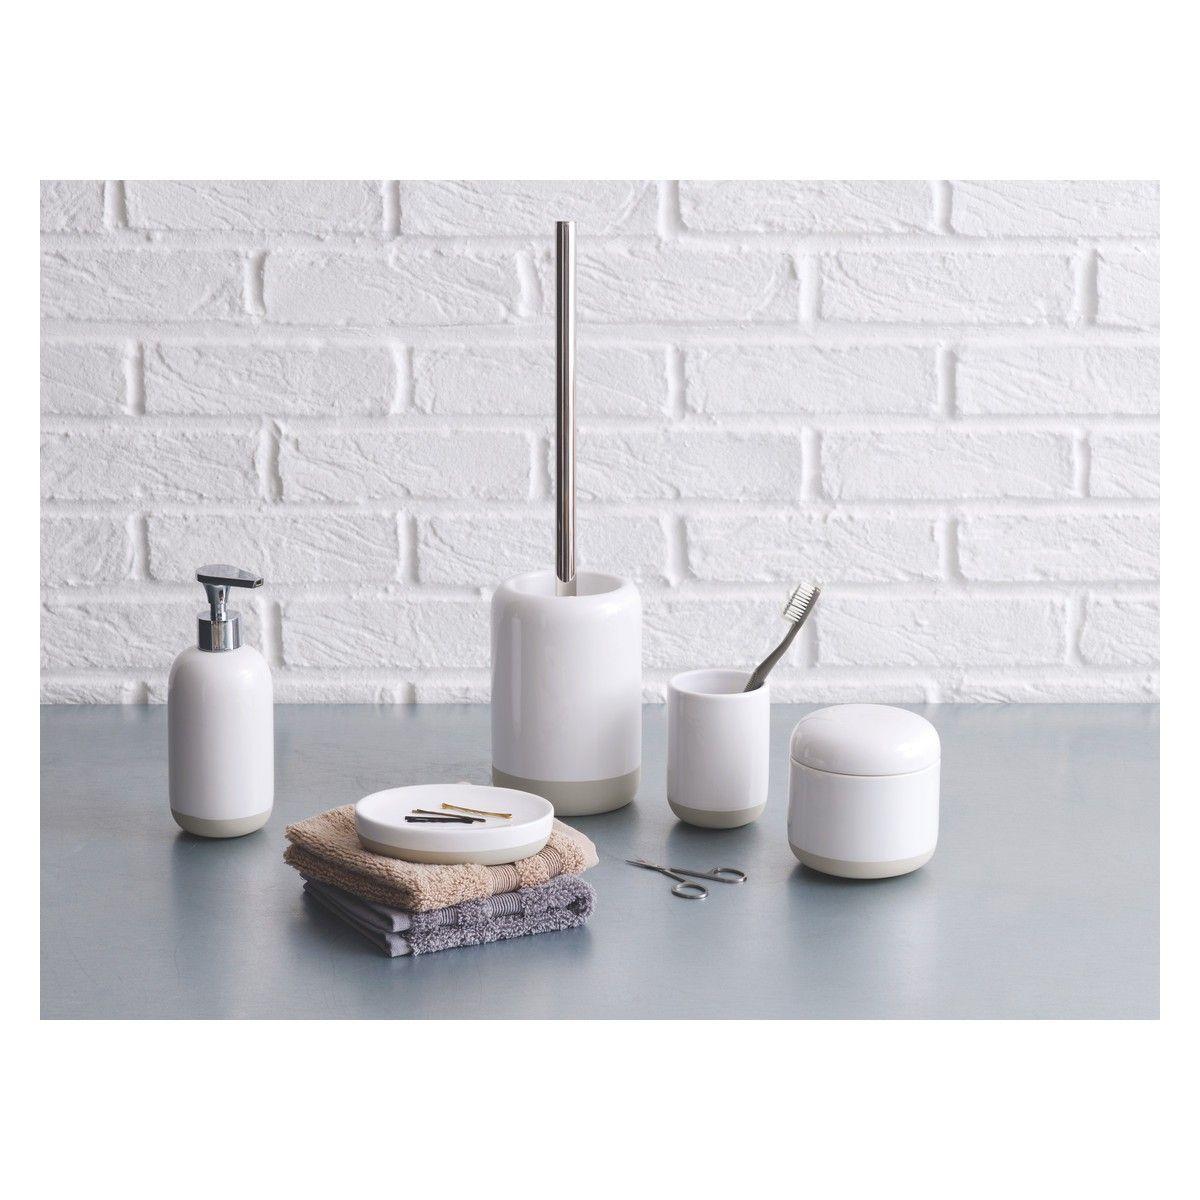 Habitat Lexie White Ceramic Bathroom Accessories Bathroom Accessories Sets Bathroom Accessories White Ceramics